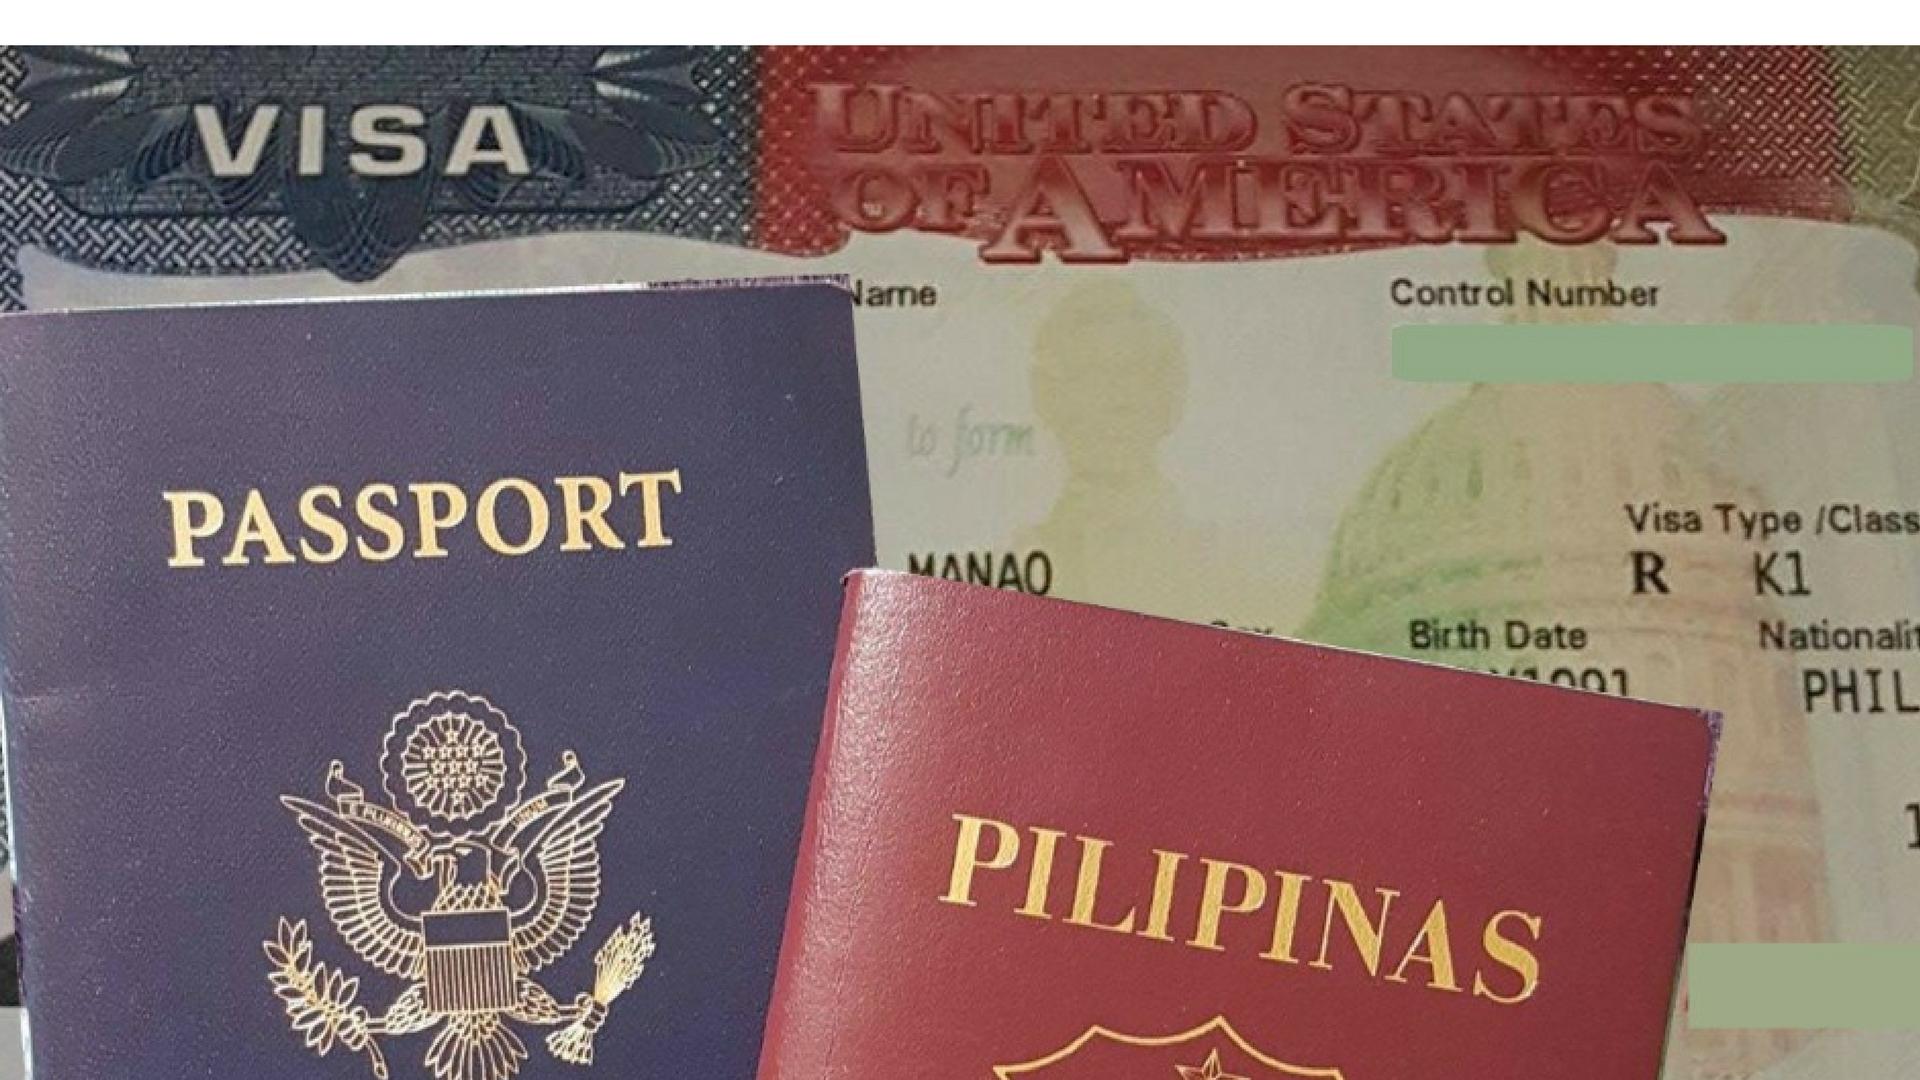 Fiance K1 Visa Application (October 2016) * I fill life